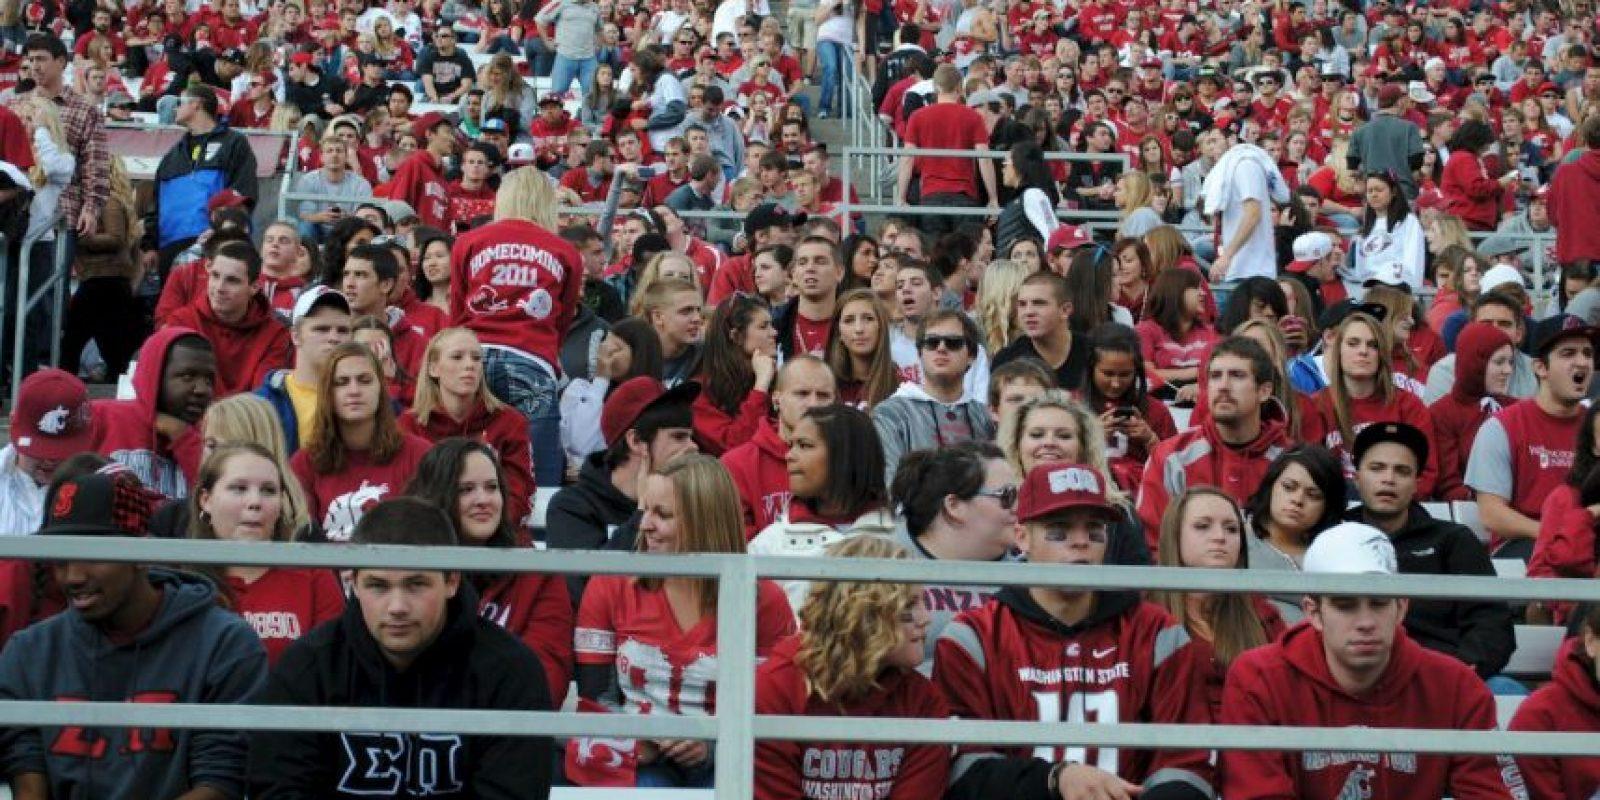 """En lugar de """"ilegales"""", los estudiantes deberan decir sin papeles, emigrantes o inmigrantes. Foto:Vía facebook.com/WSUPullman"""